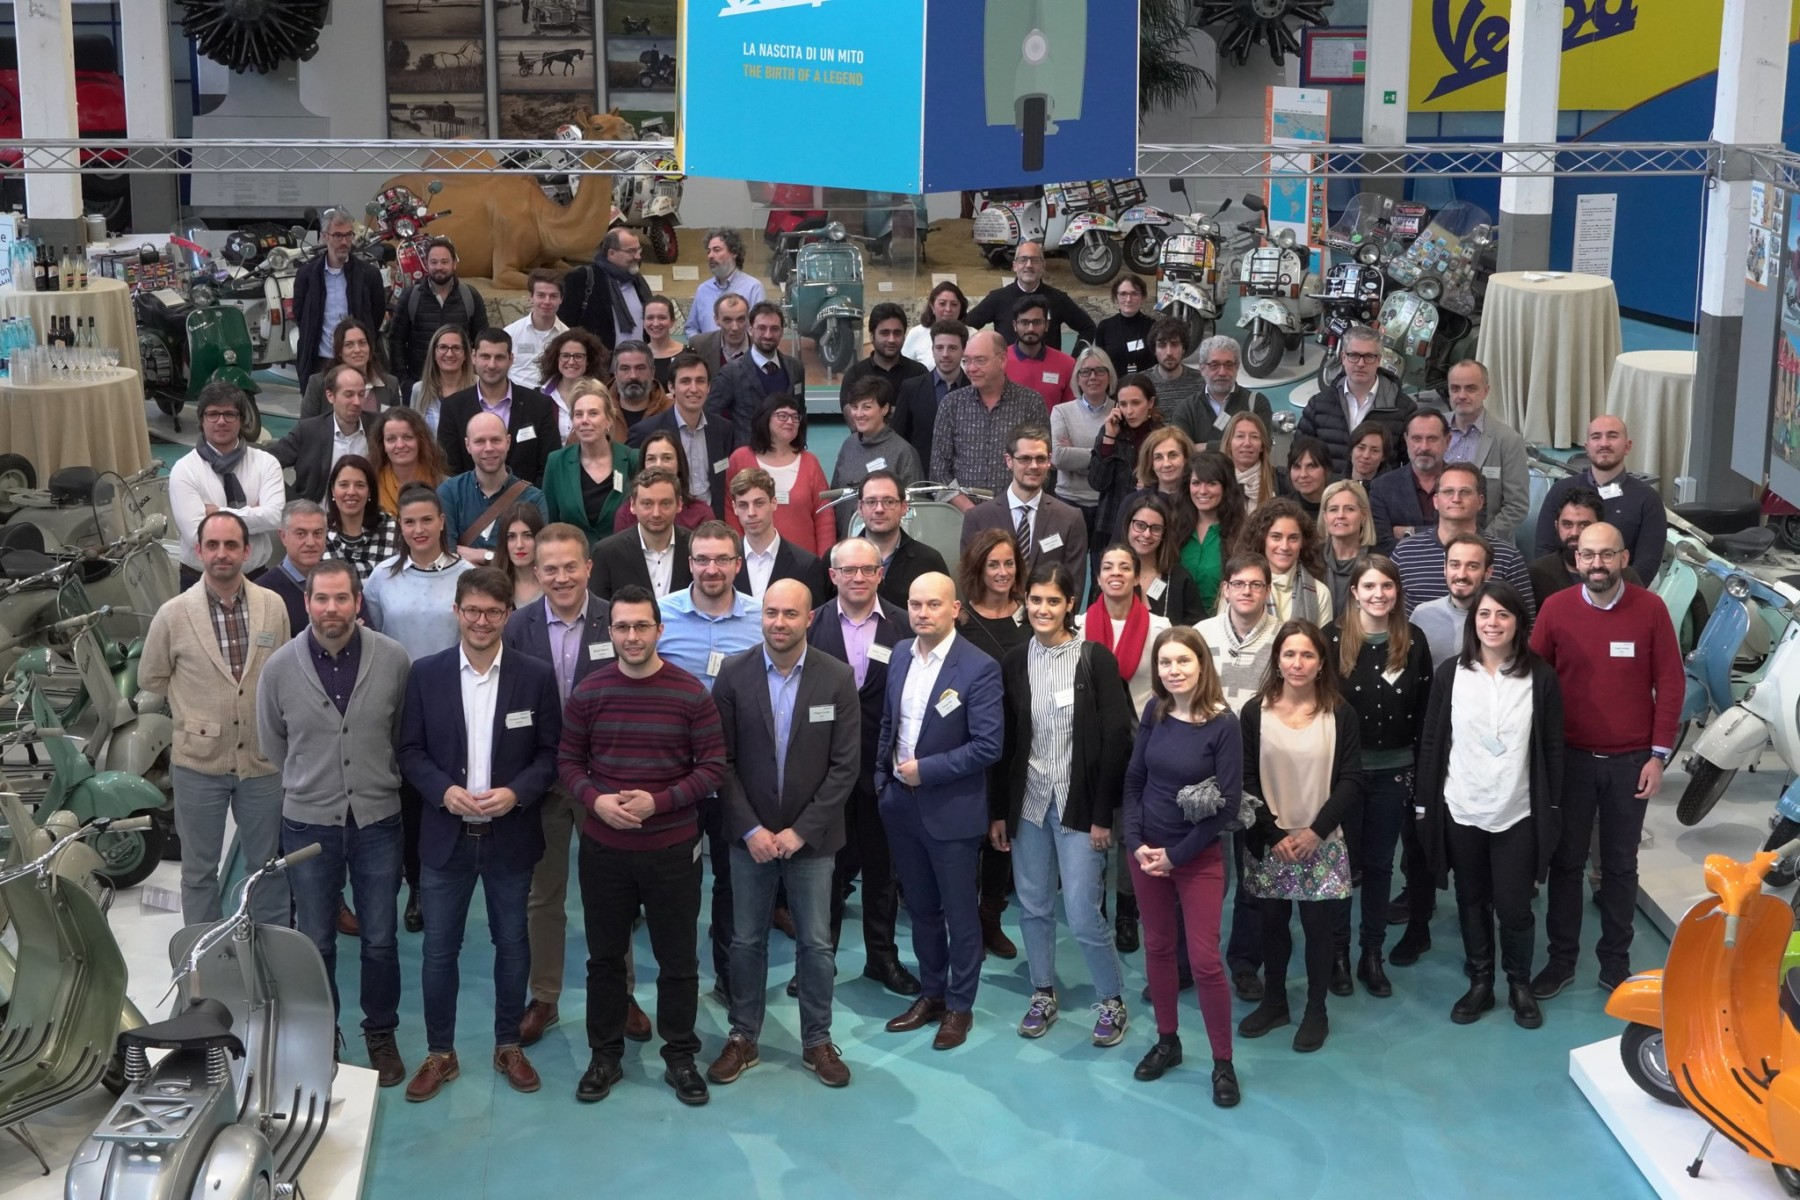 Autonom'Lab partenaire du projet H2020 PHARAON